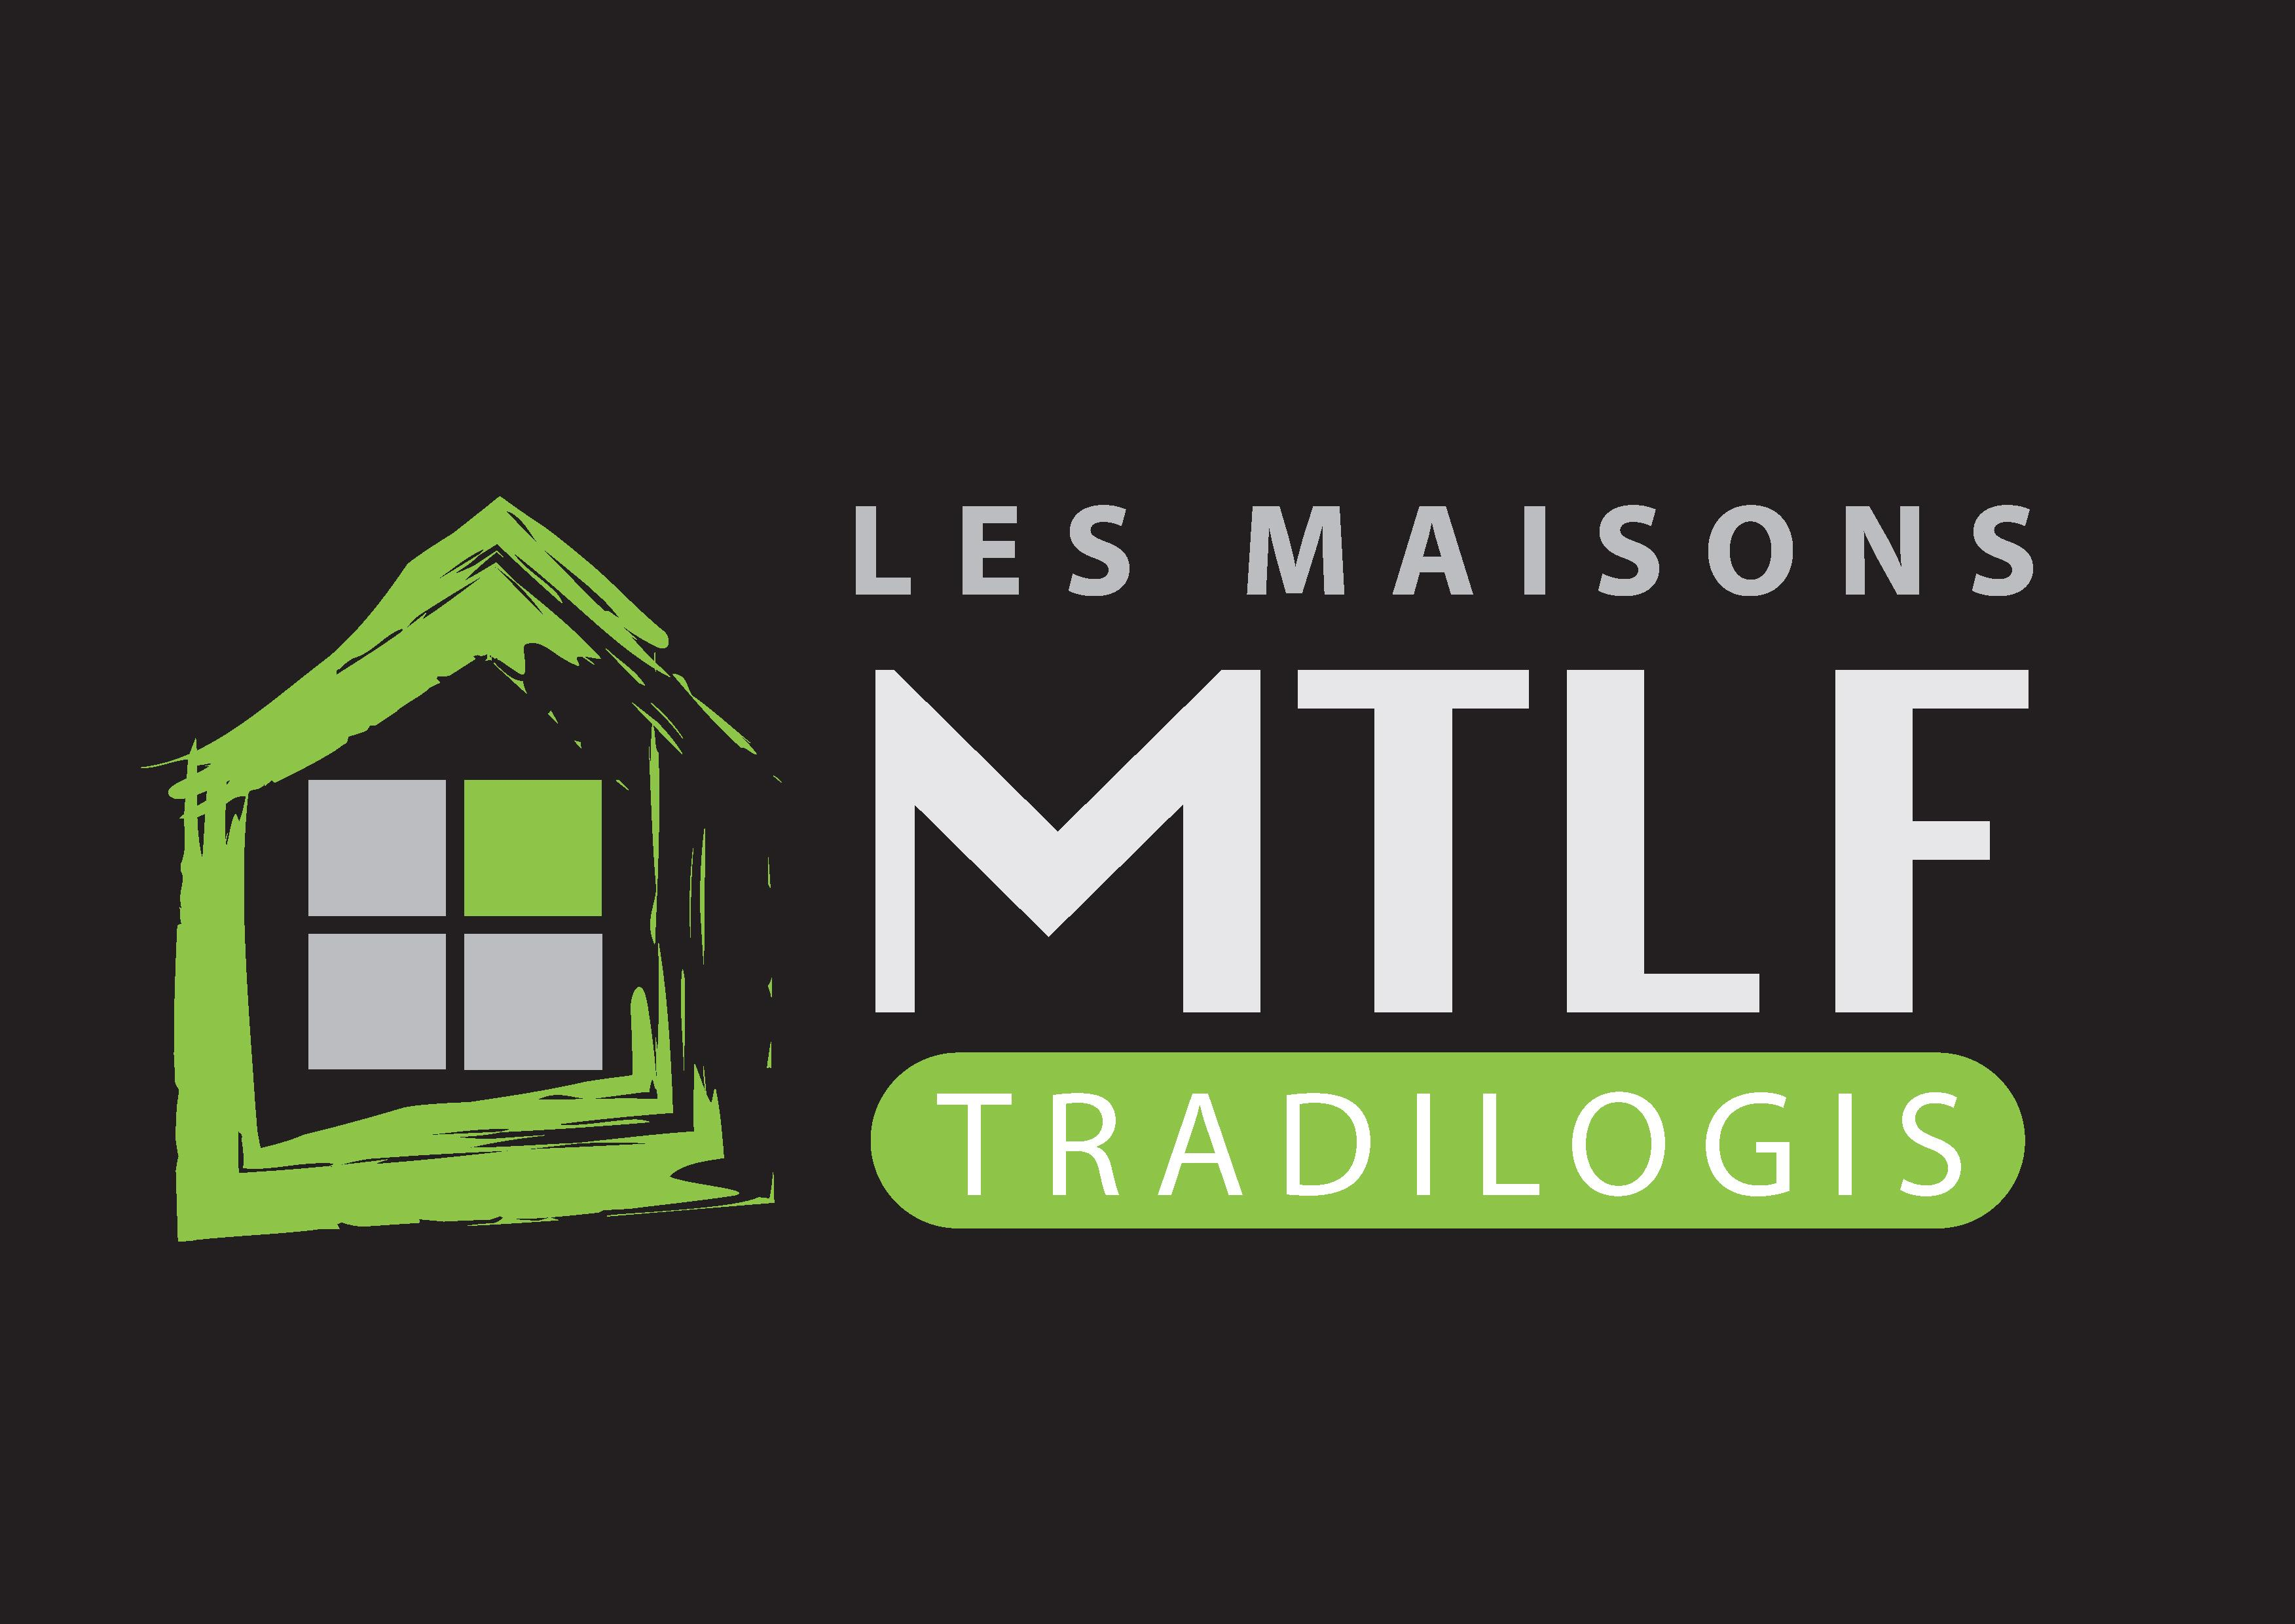 Maisons MTLF agence immobilière LONGUEIL ANNEL 60150